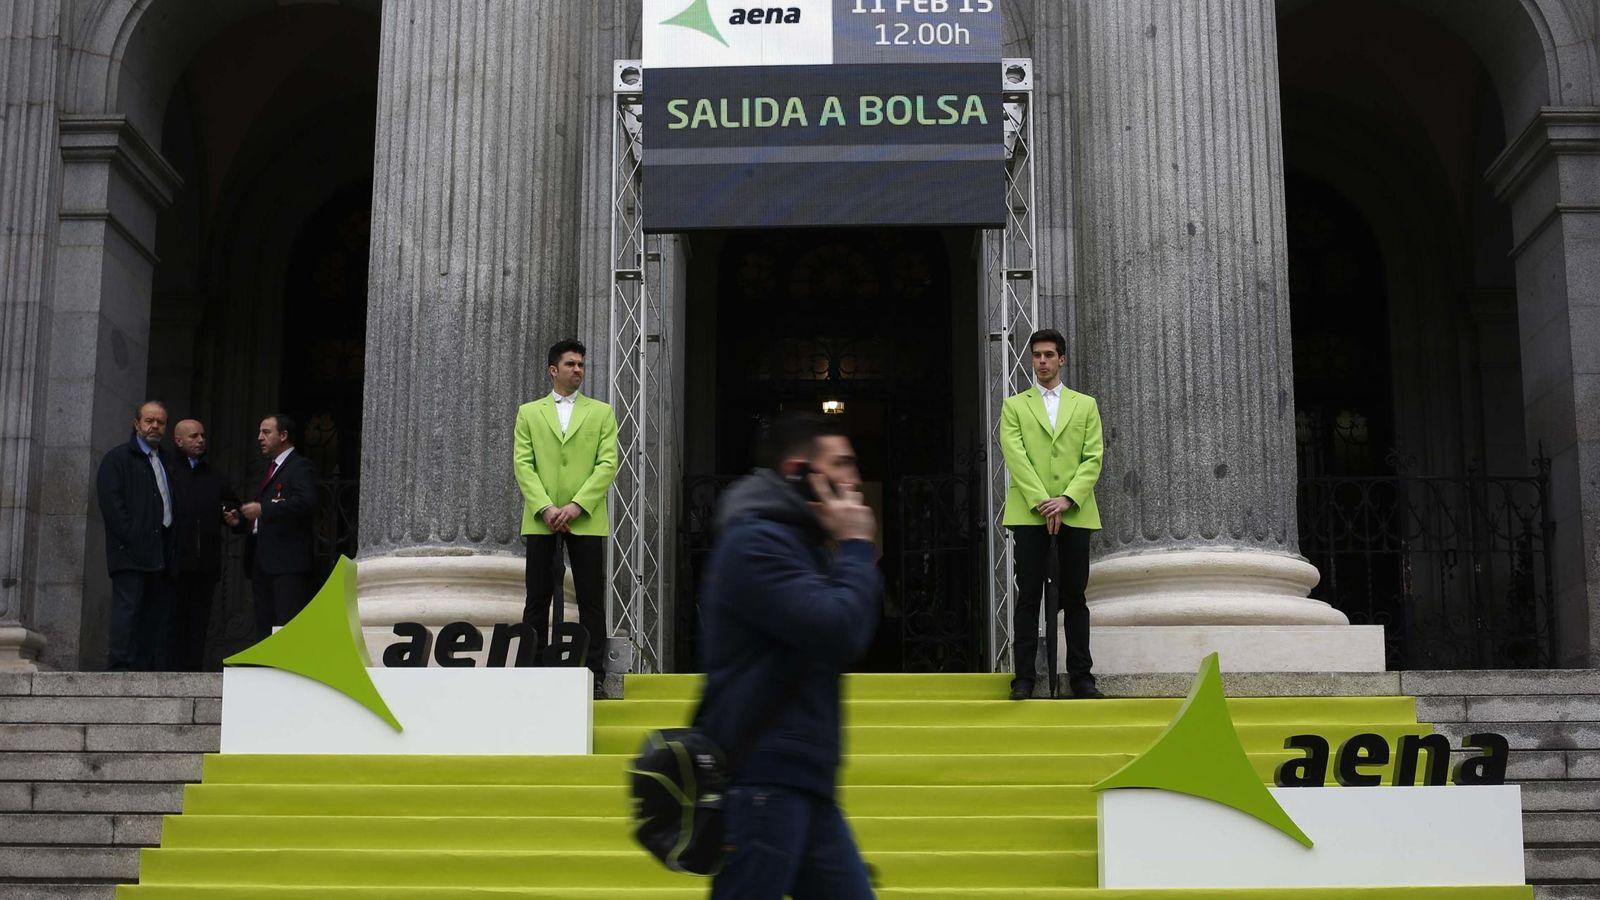 Foto: Imagen del día de la salida a Bolsa de Aena. (Reuters)